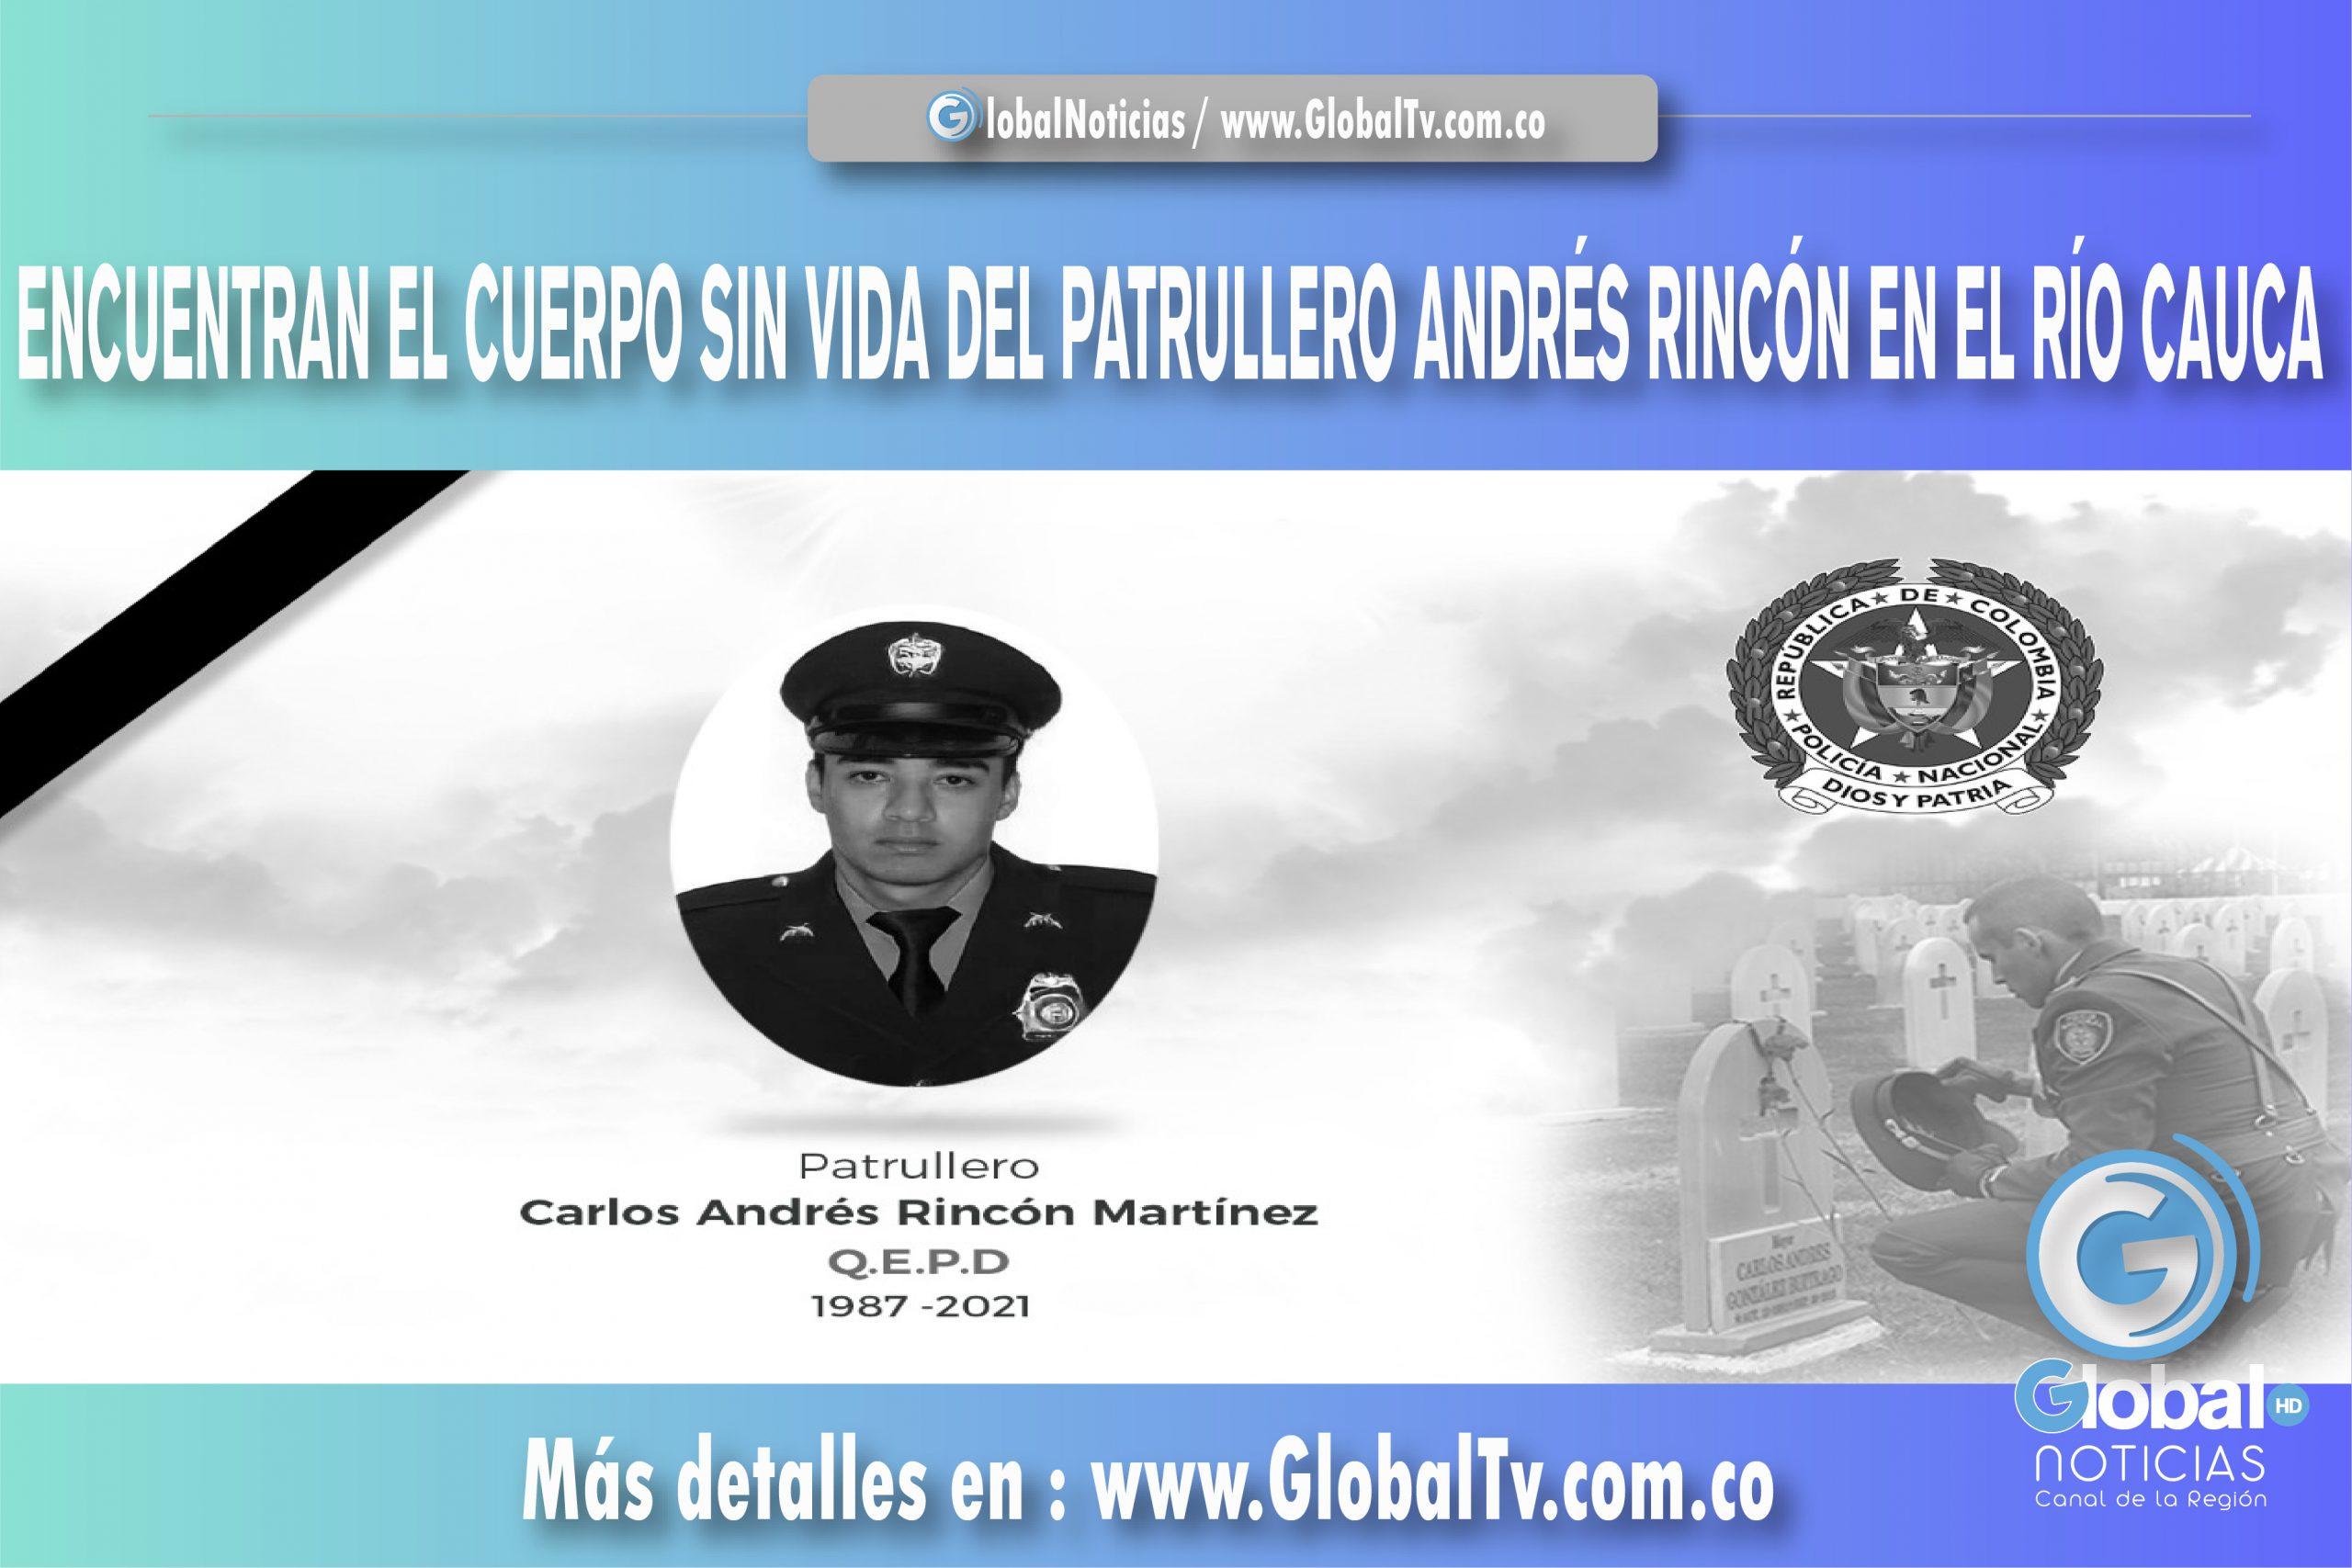 ENCUENTRAN EL CUERPO SIN VIDA DEL PATRULLERO ANDRÉS RINCÓN EN EL RÍO CAUCA_Mesa de trabajo 1